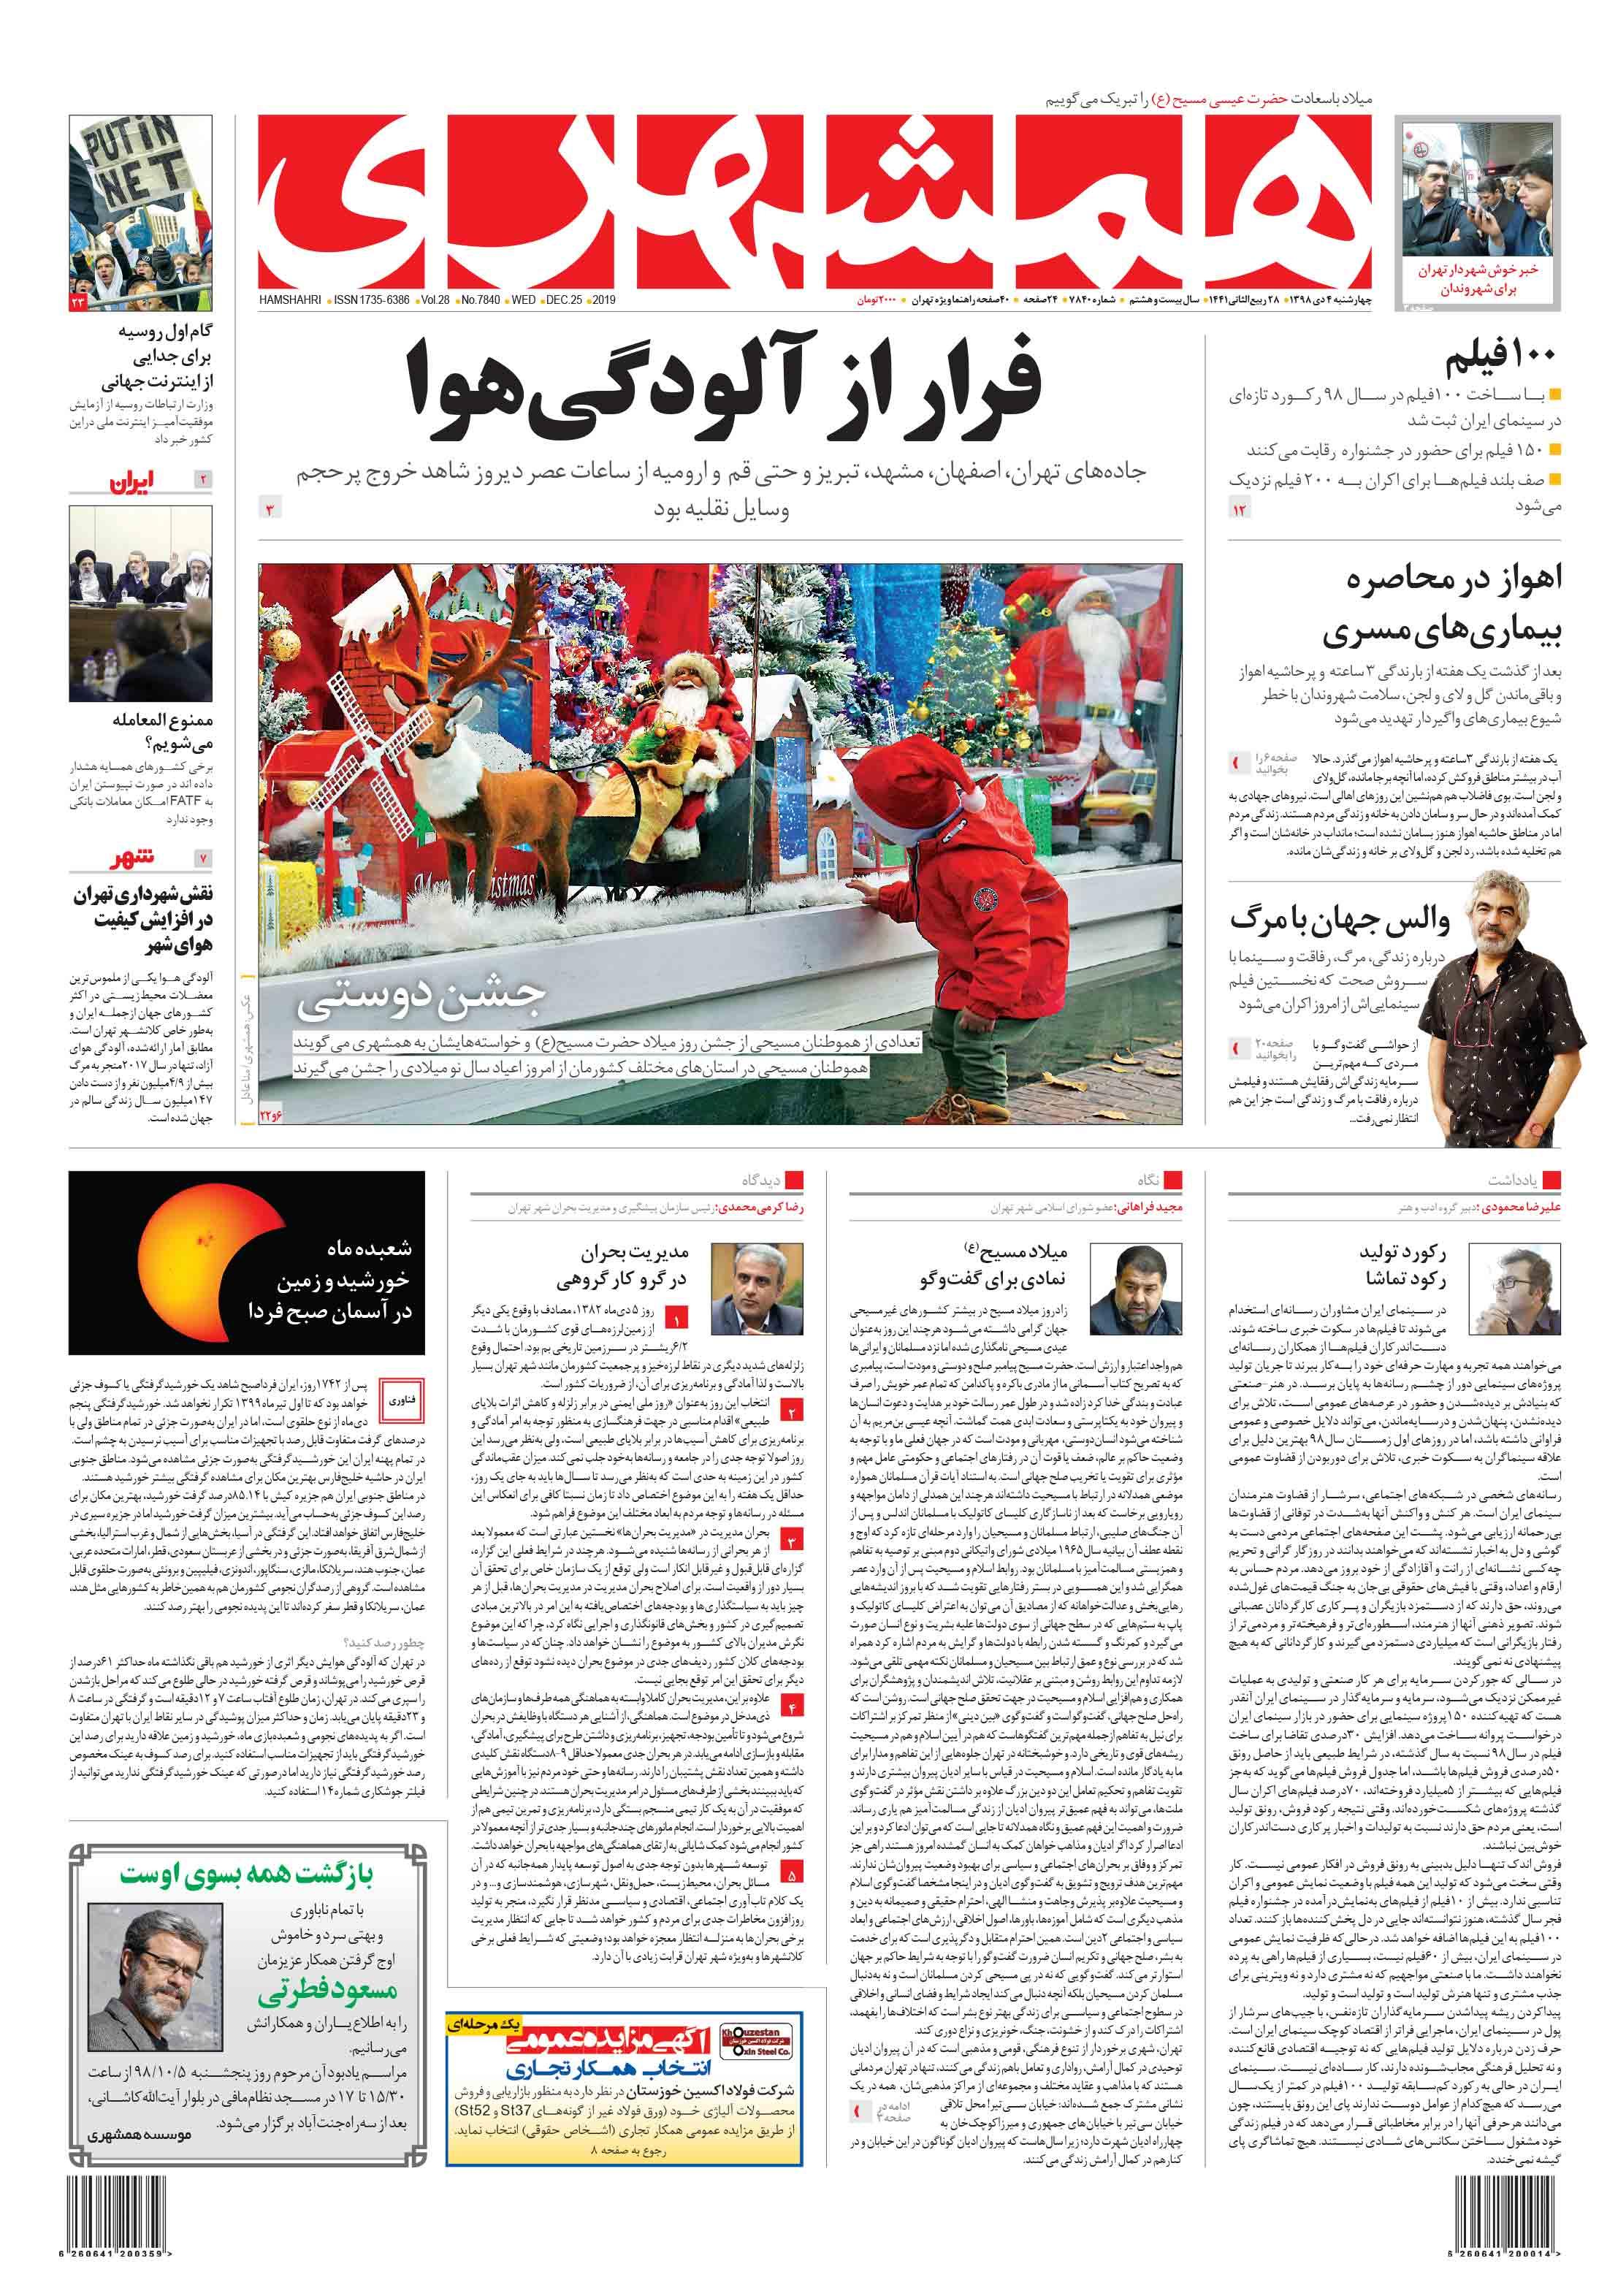 صفحه اول چهارشنبه 4 دی 1398